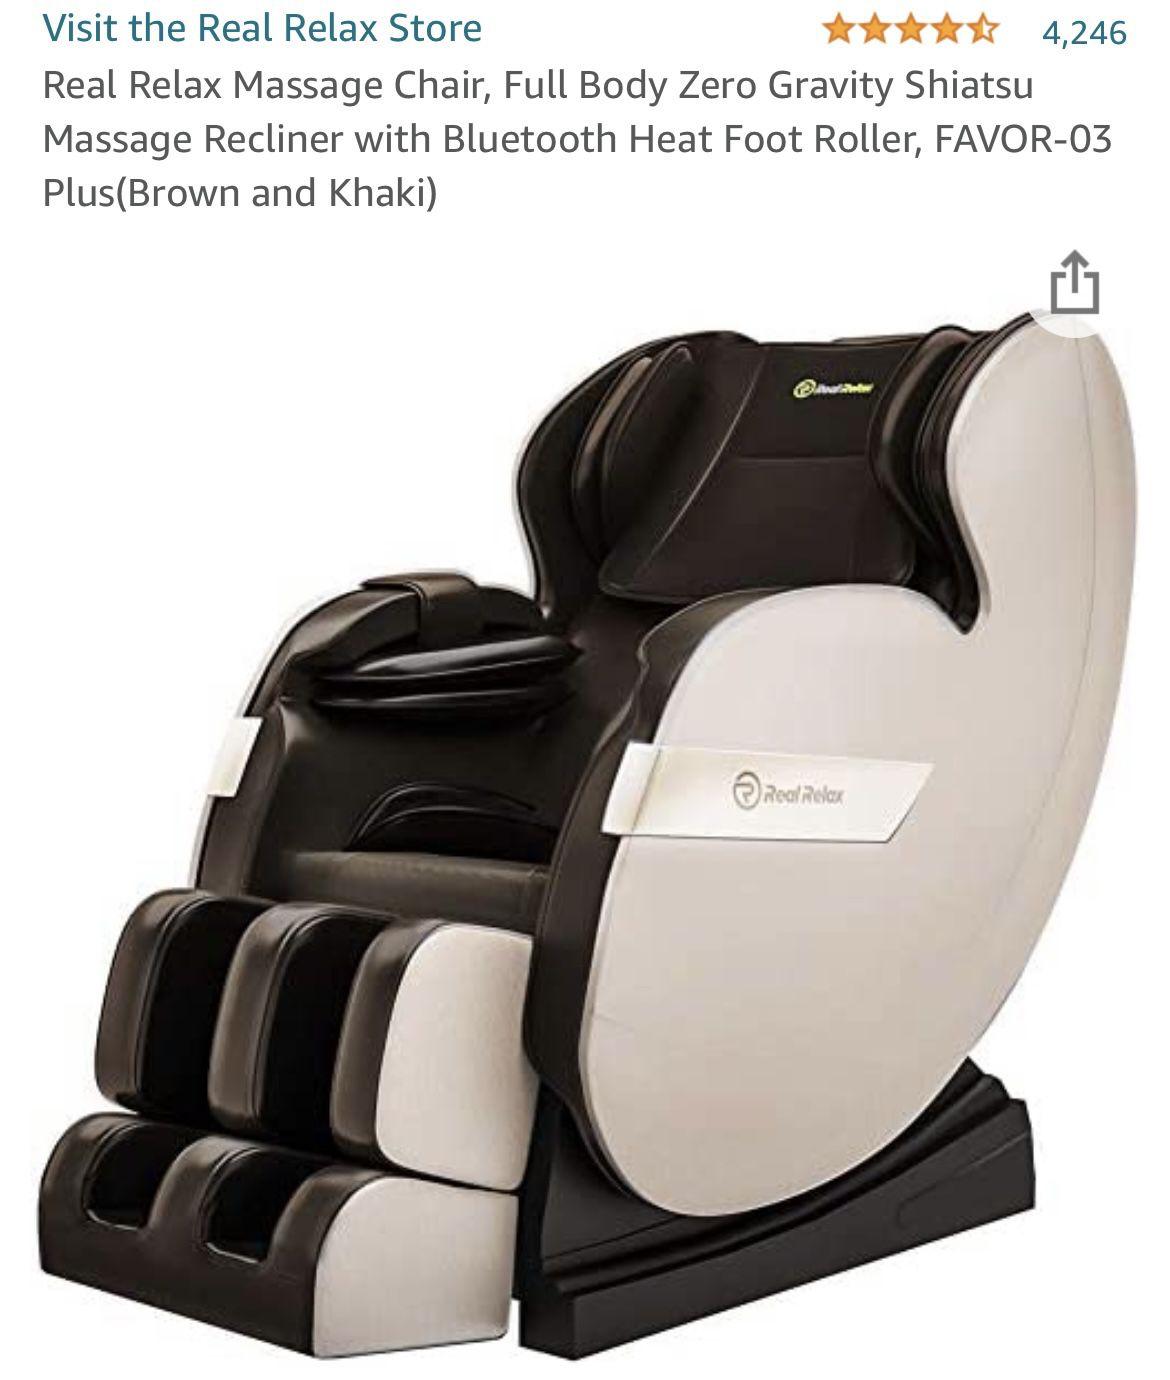 Massages Chair